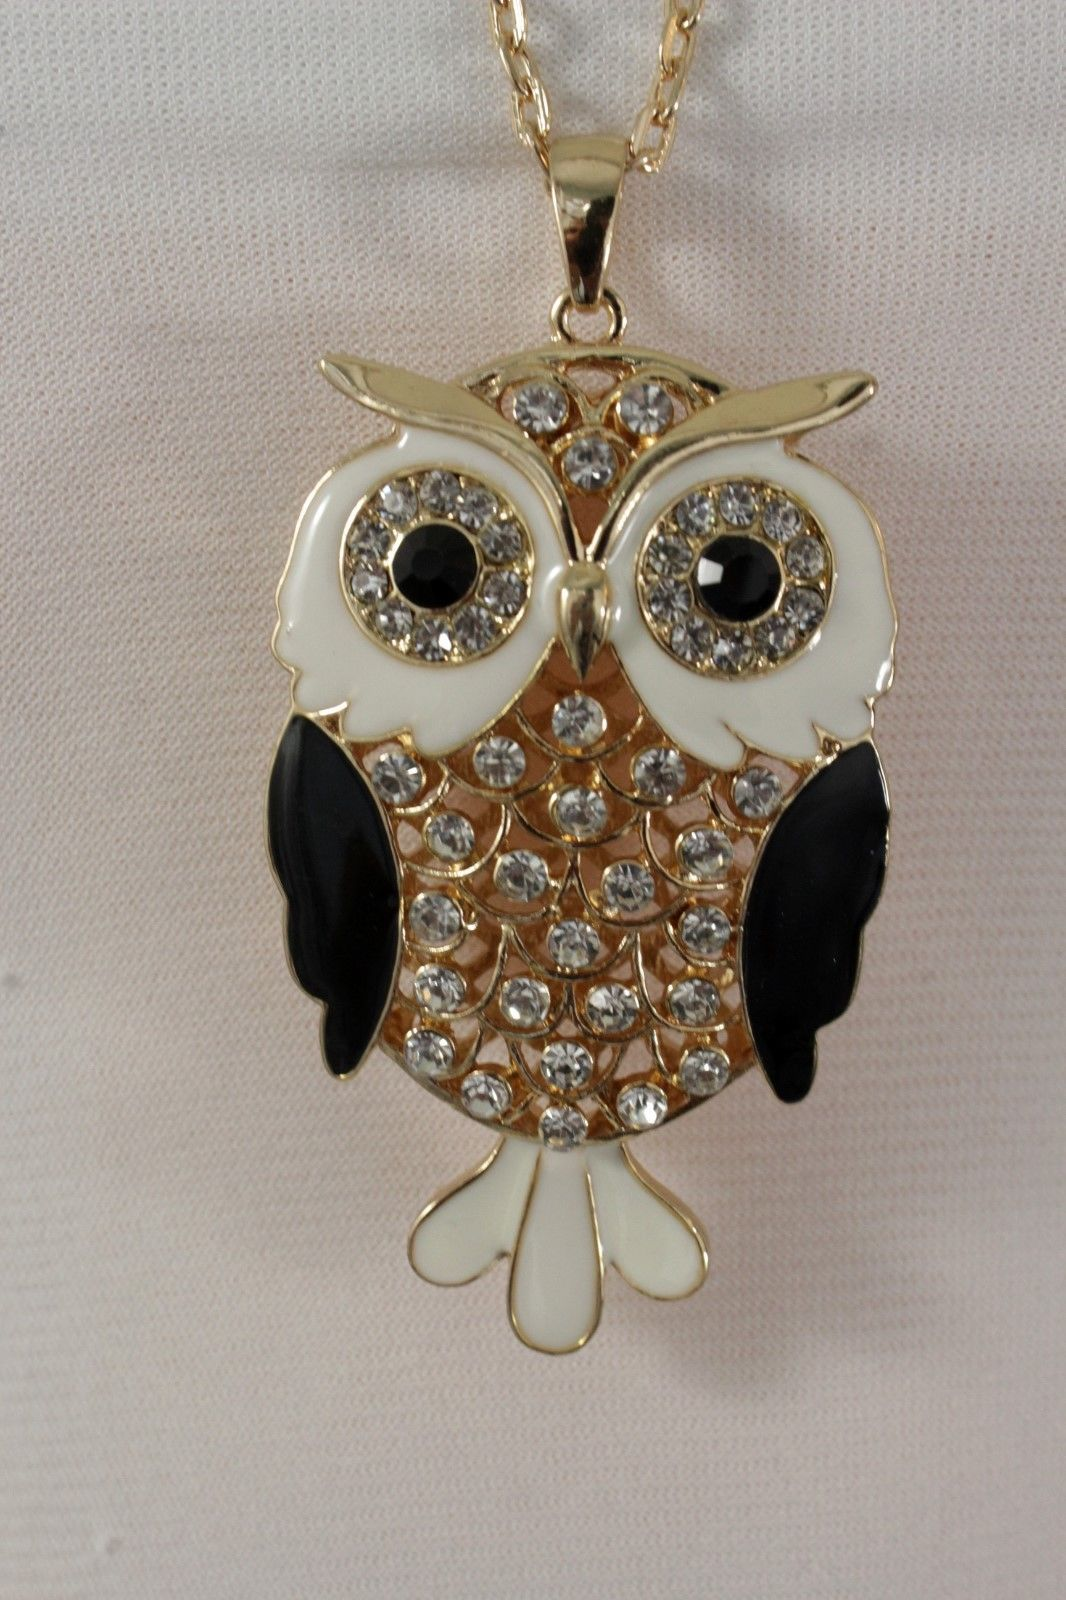 Damen Gold Lang Metall Silber-Blau Mode Halskette Eule Vogel Charm Anhänger Tier